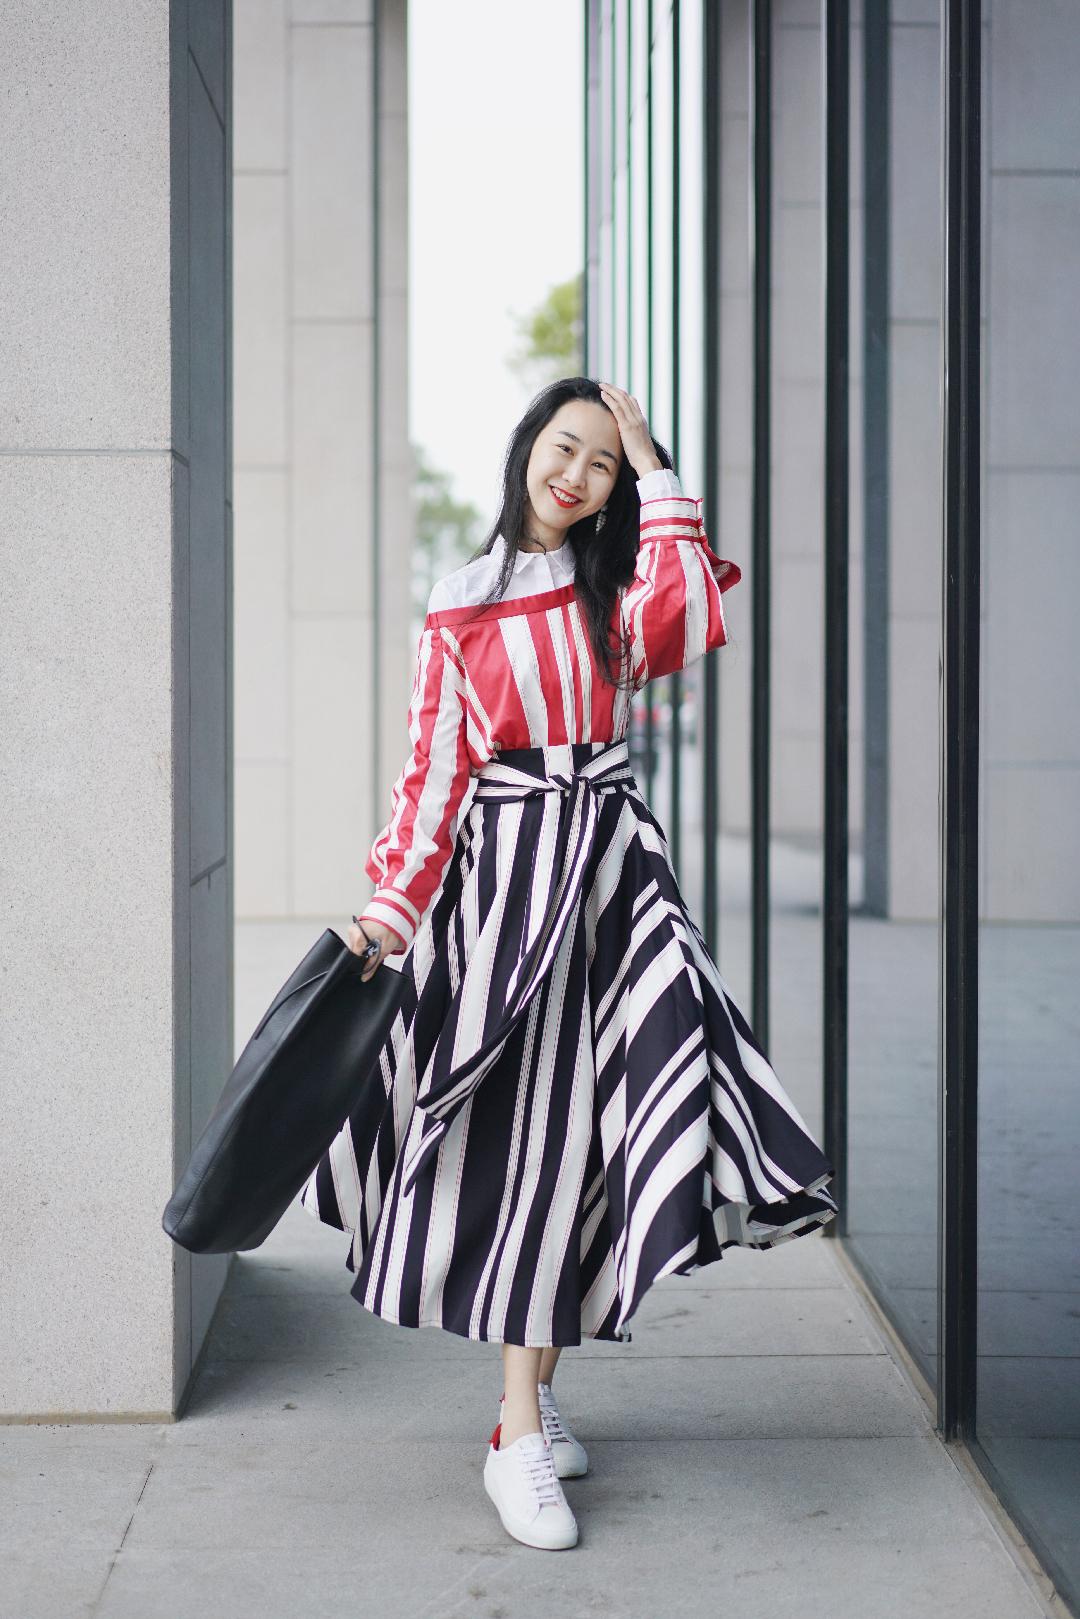 红白条条+黑白条条  #拒绝秋冬臃肿,裹成球还怎么撩汉#  上衣+半身裙:Xinnatex New York 衬衫:Cos 包:Building Block 鞋:Givenchy